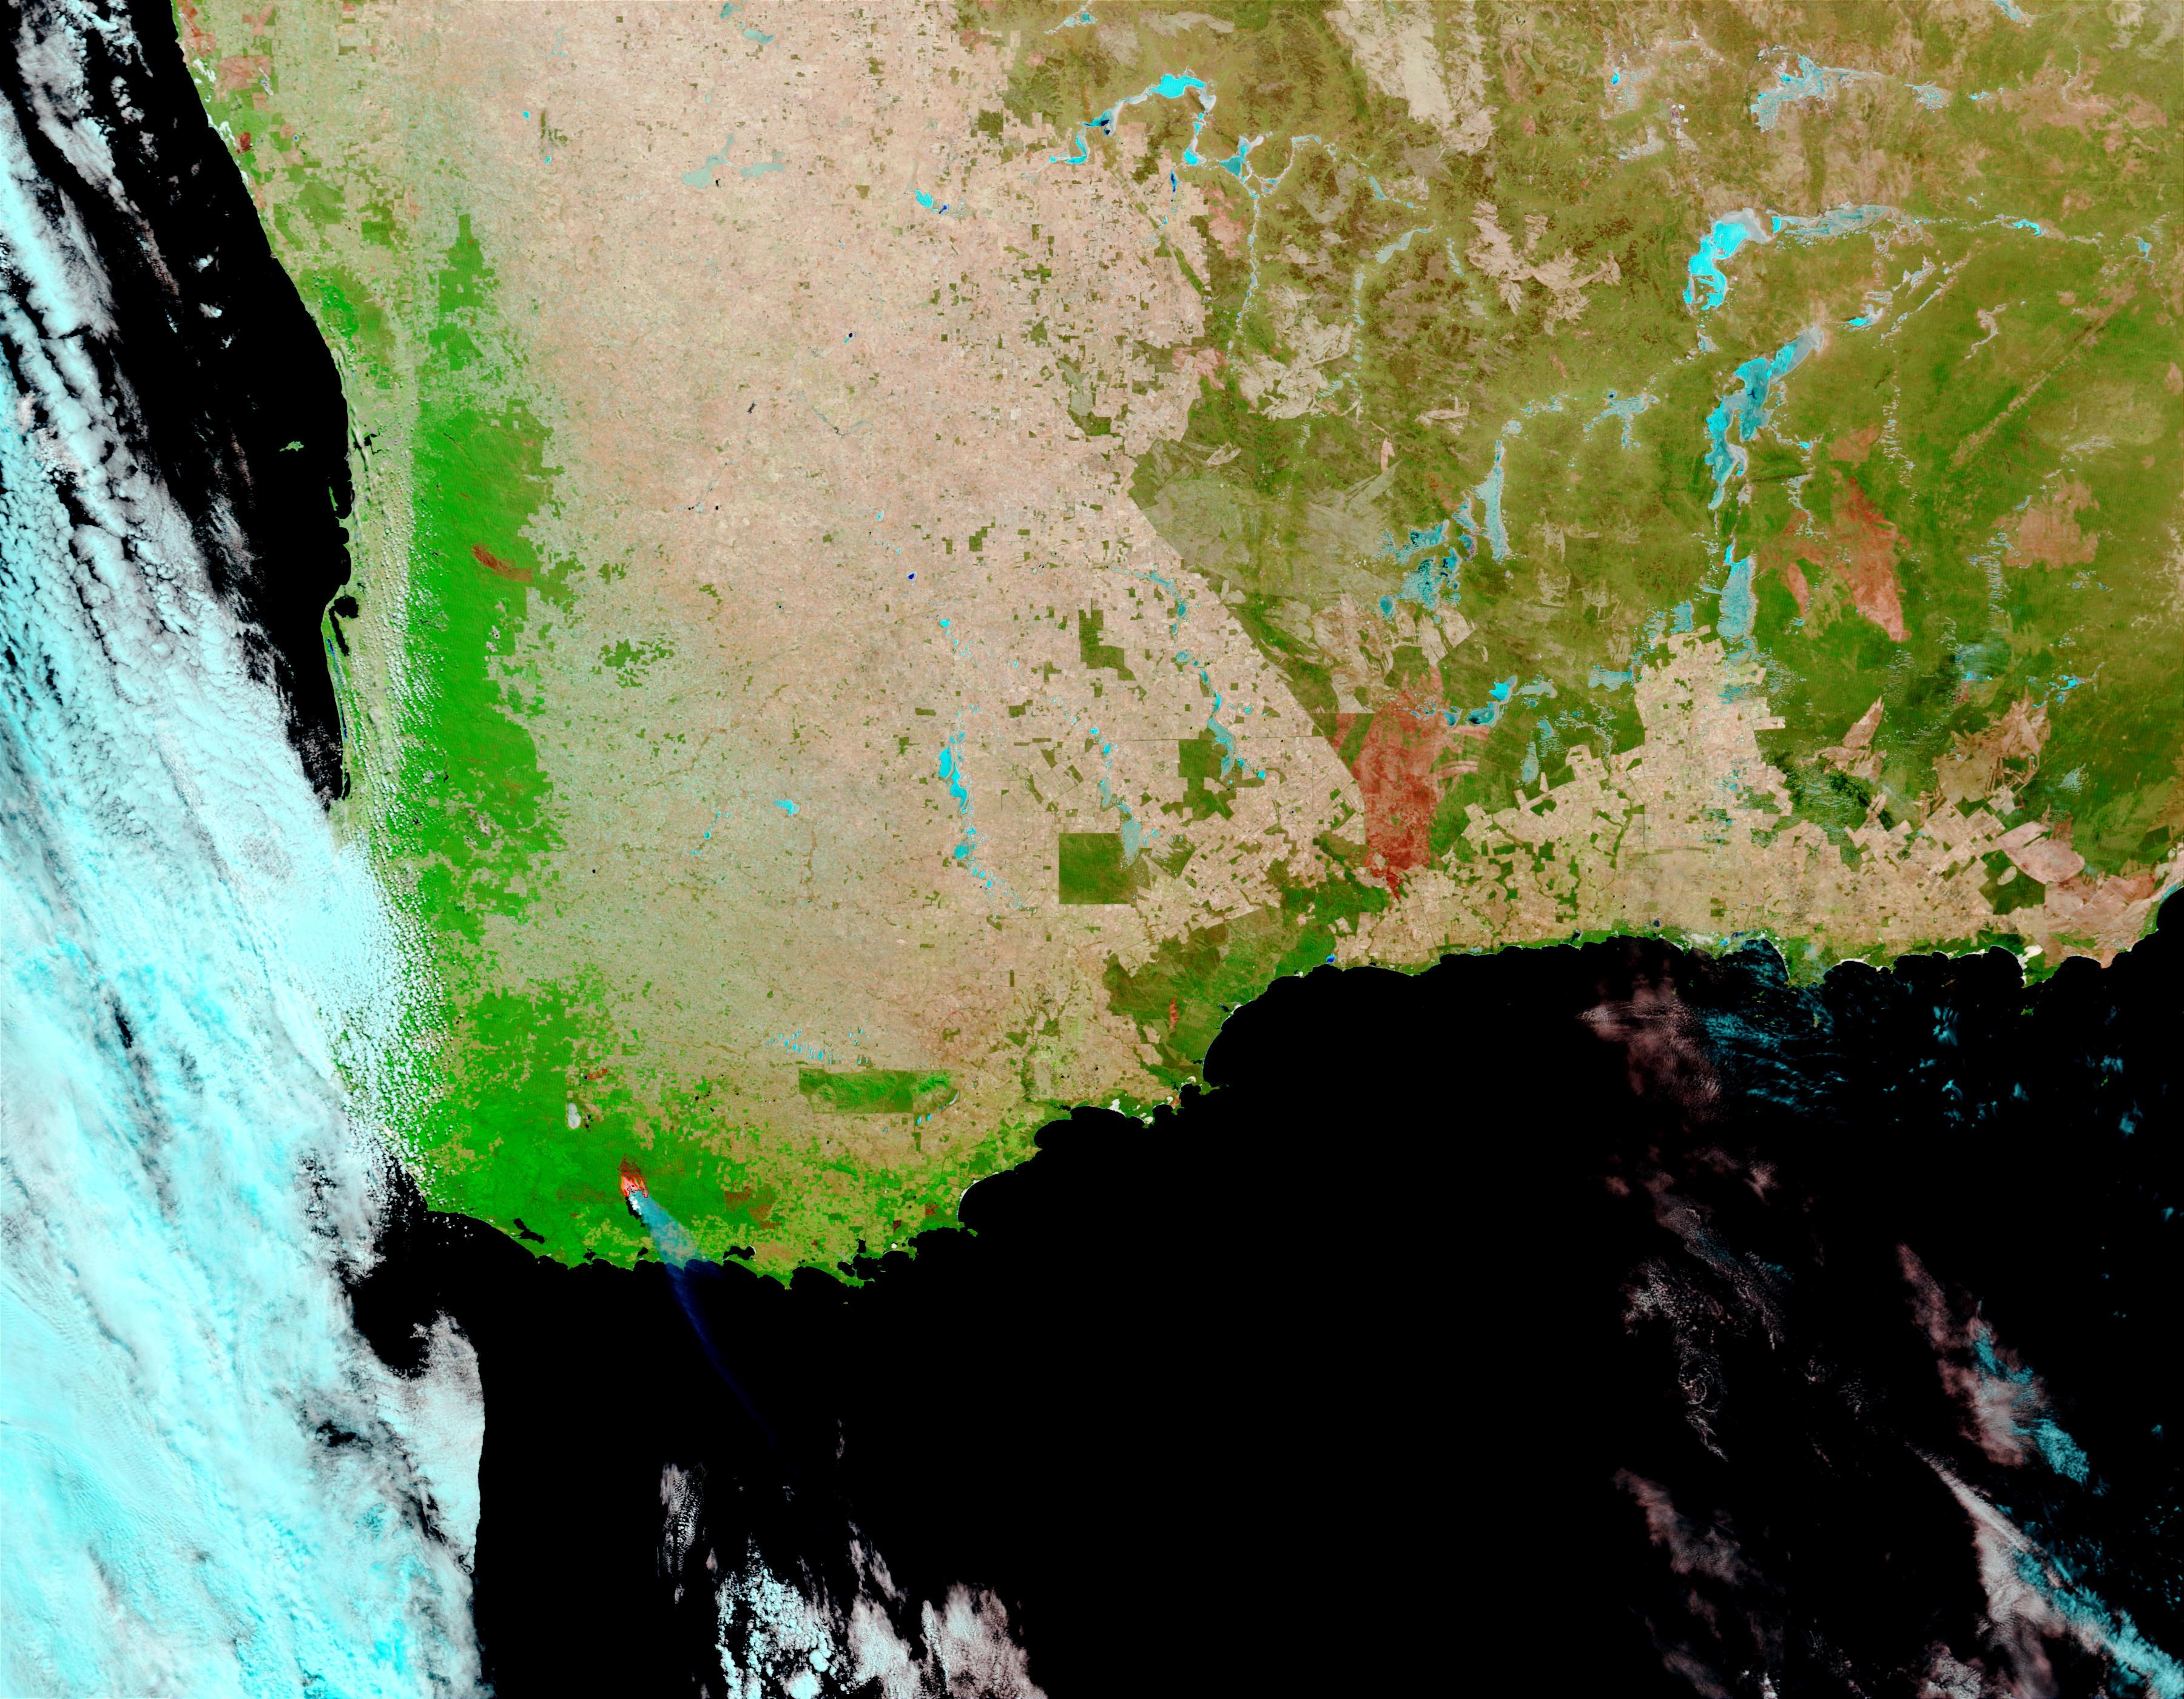 Incendio forestal en Australia suroccidental